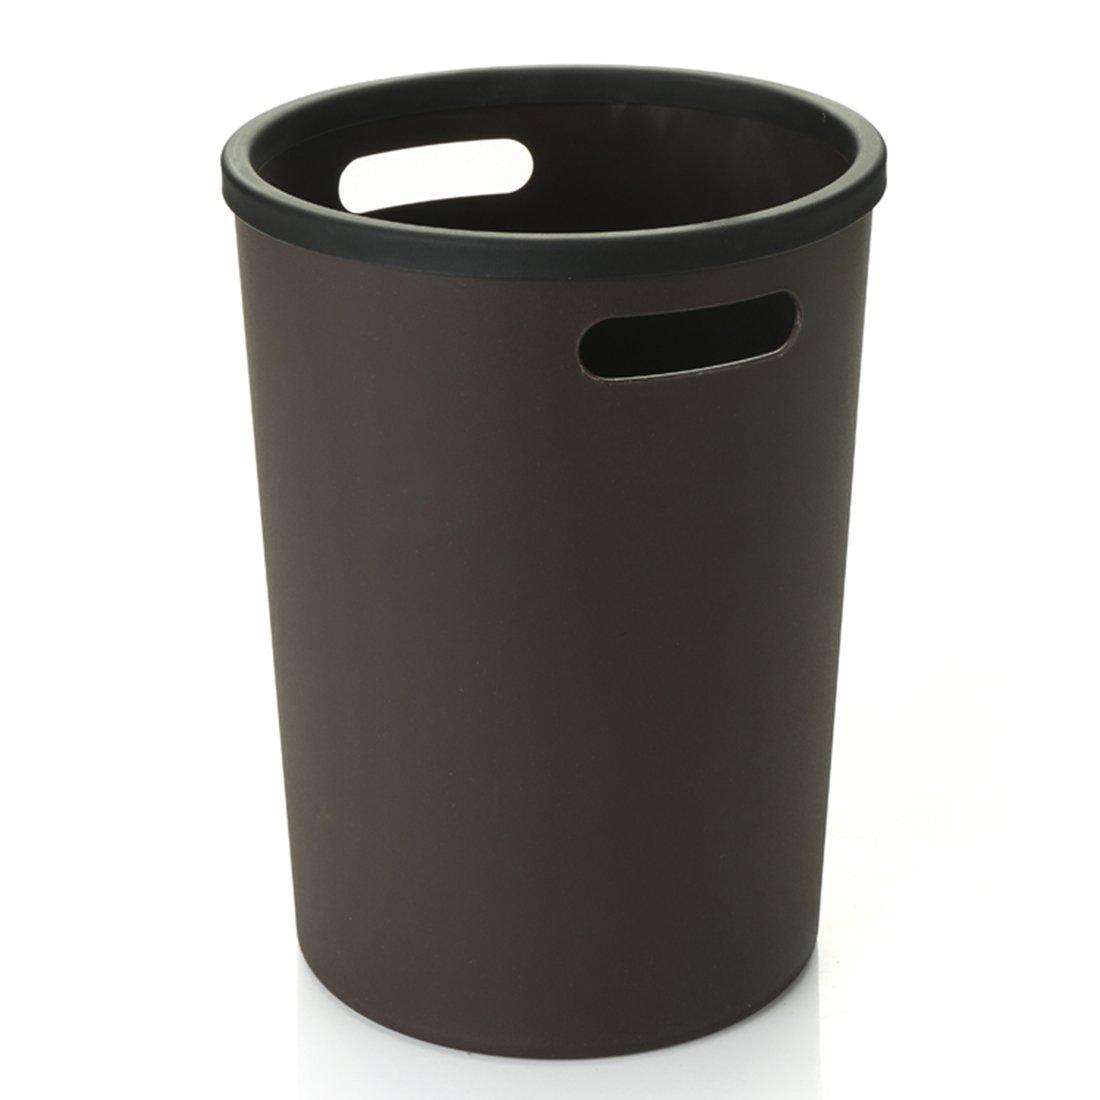 Papierkörbe, WEIZQ Runder Mülleimer für Büro Schlafzimmer Küche kinder mit Griffen Trash Bin Papierkorb ohne Deckel Papierkörbe